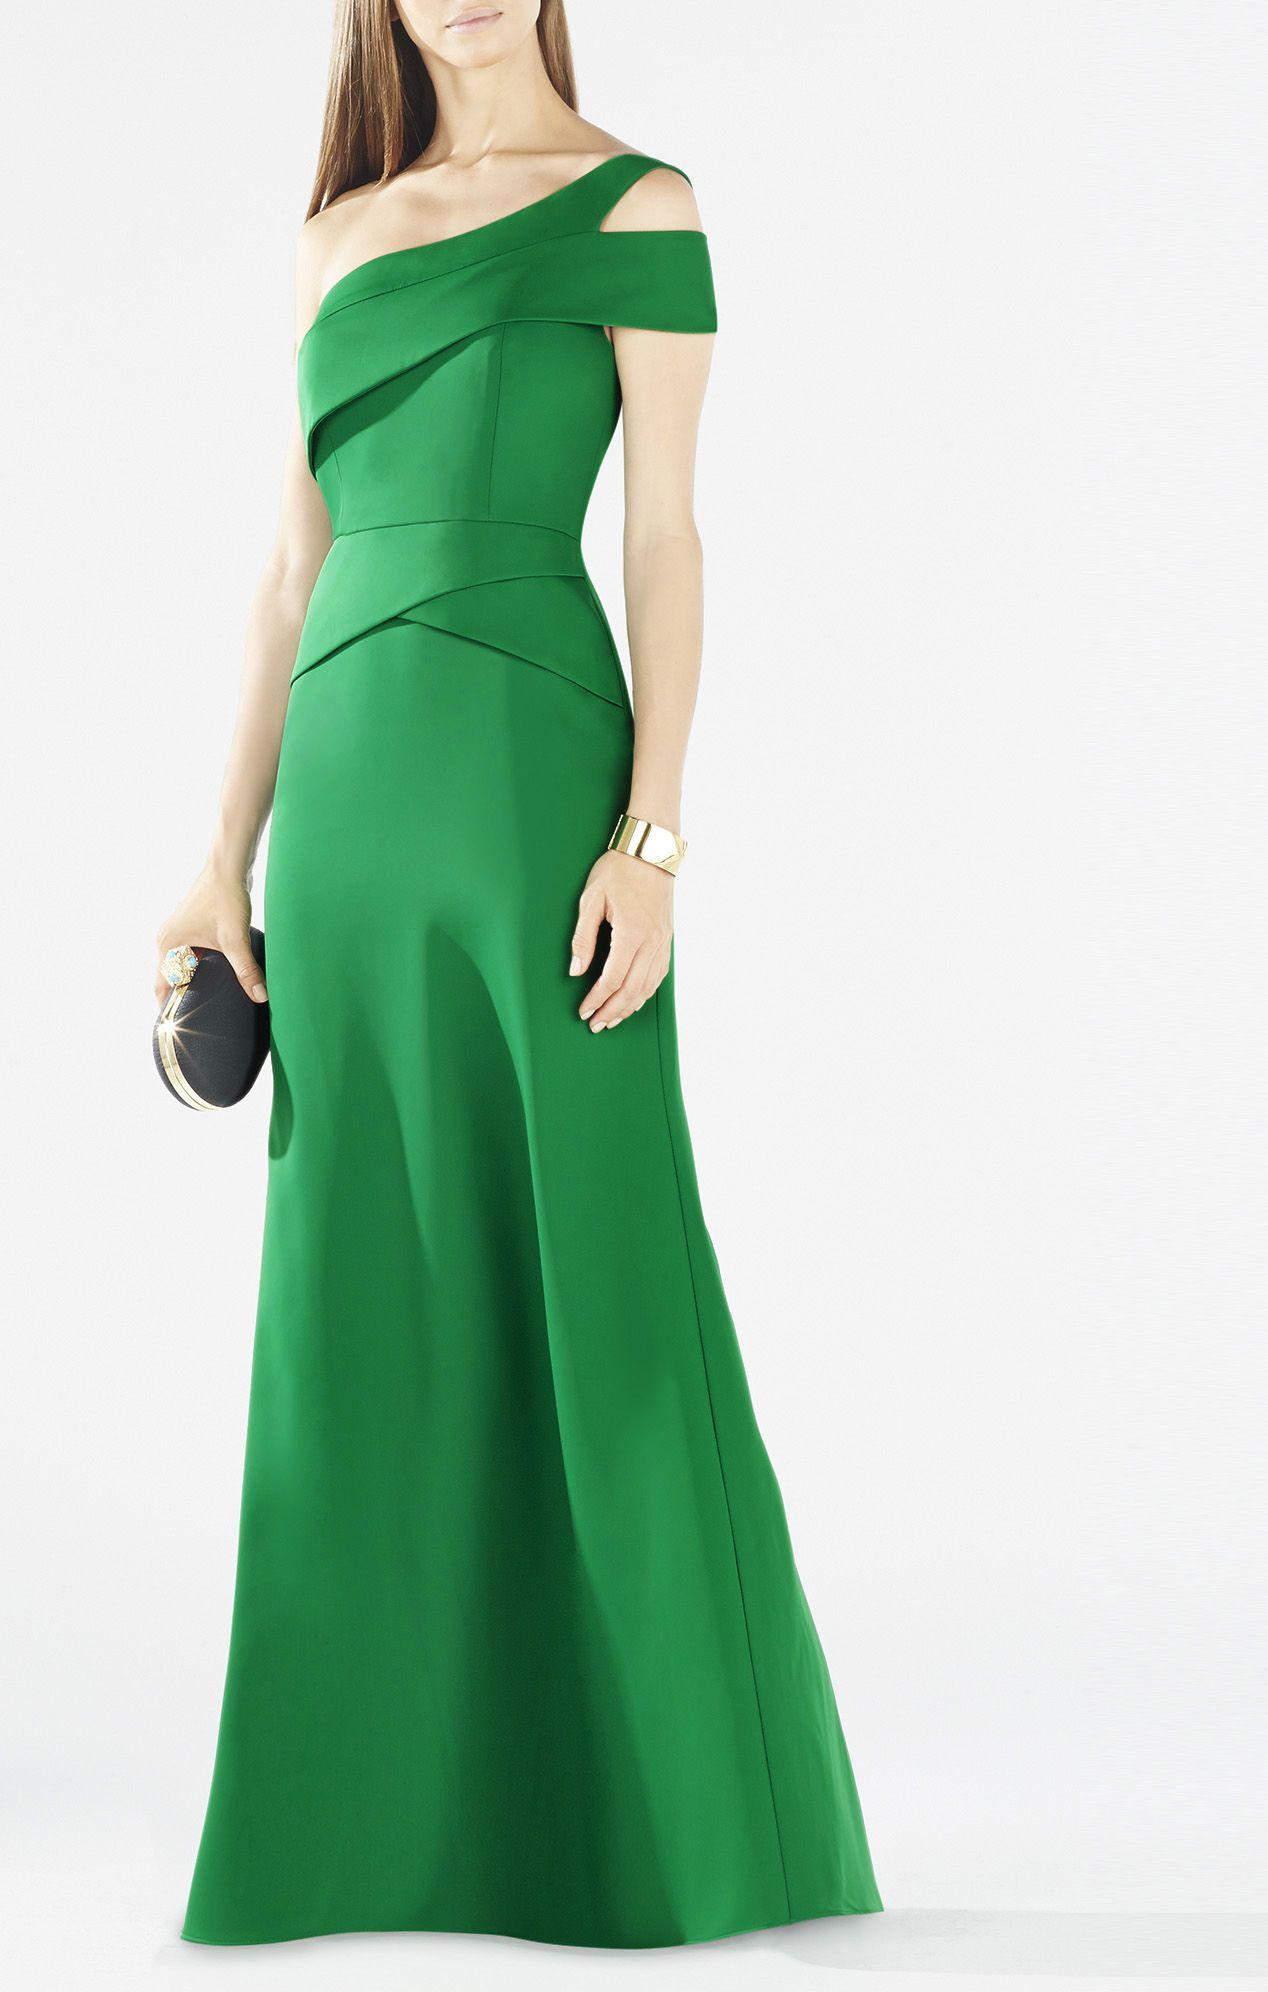 BCBG Max Azria Annely One-Shoulder Peplum Gown in Green | Random ...